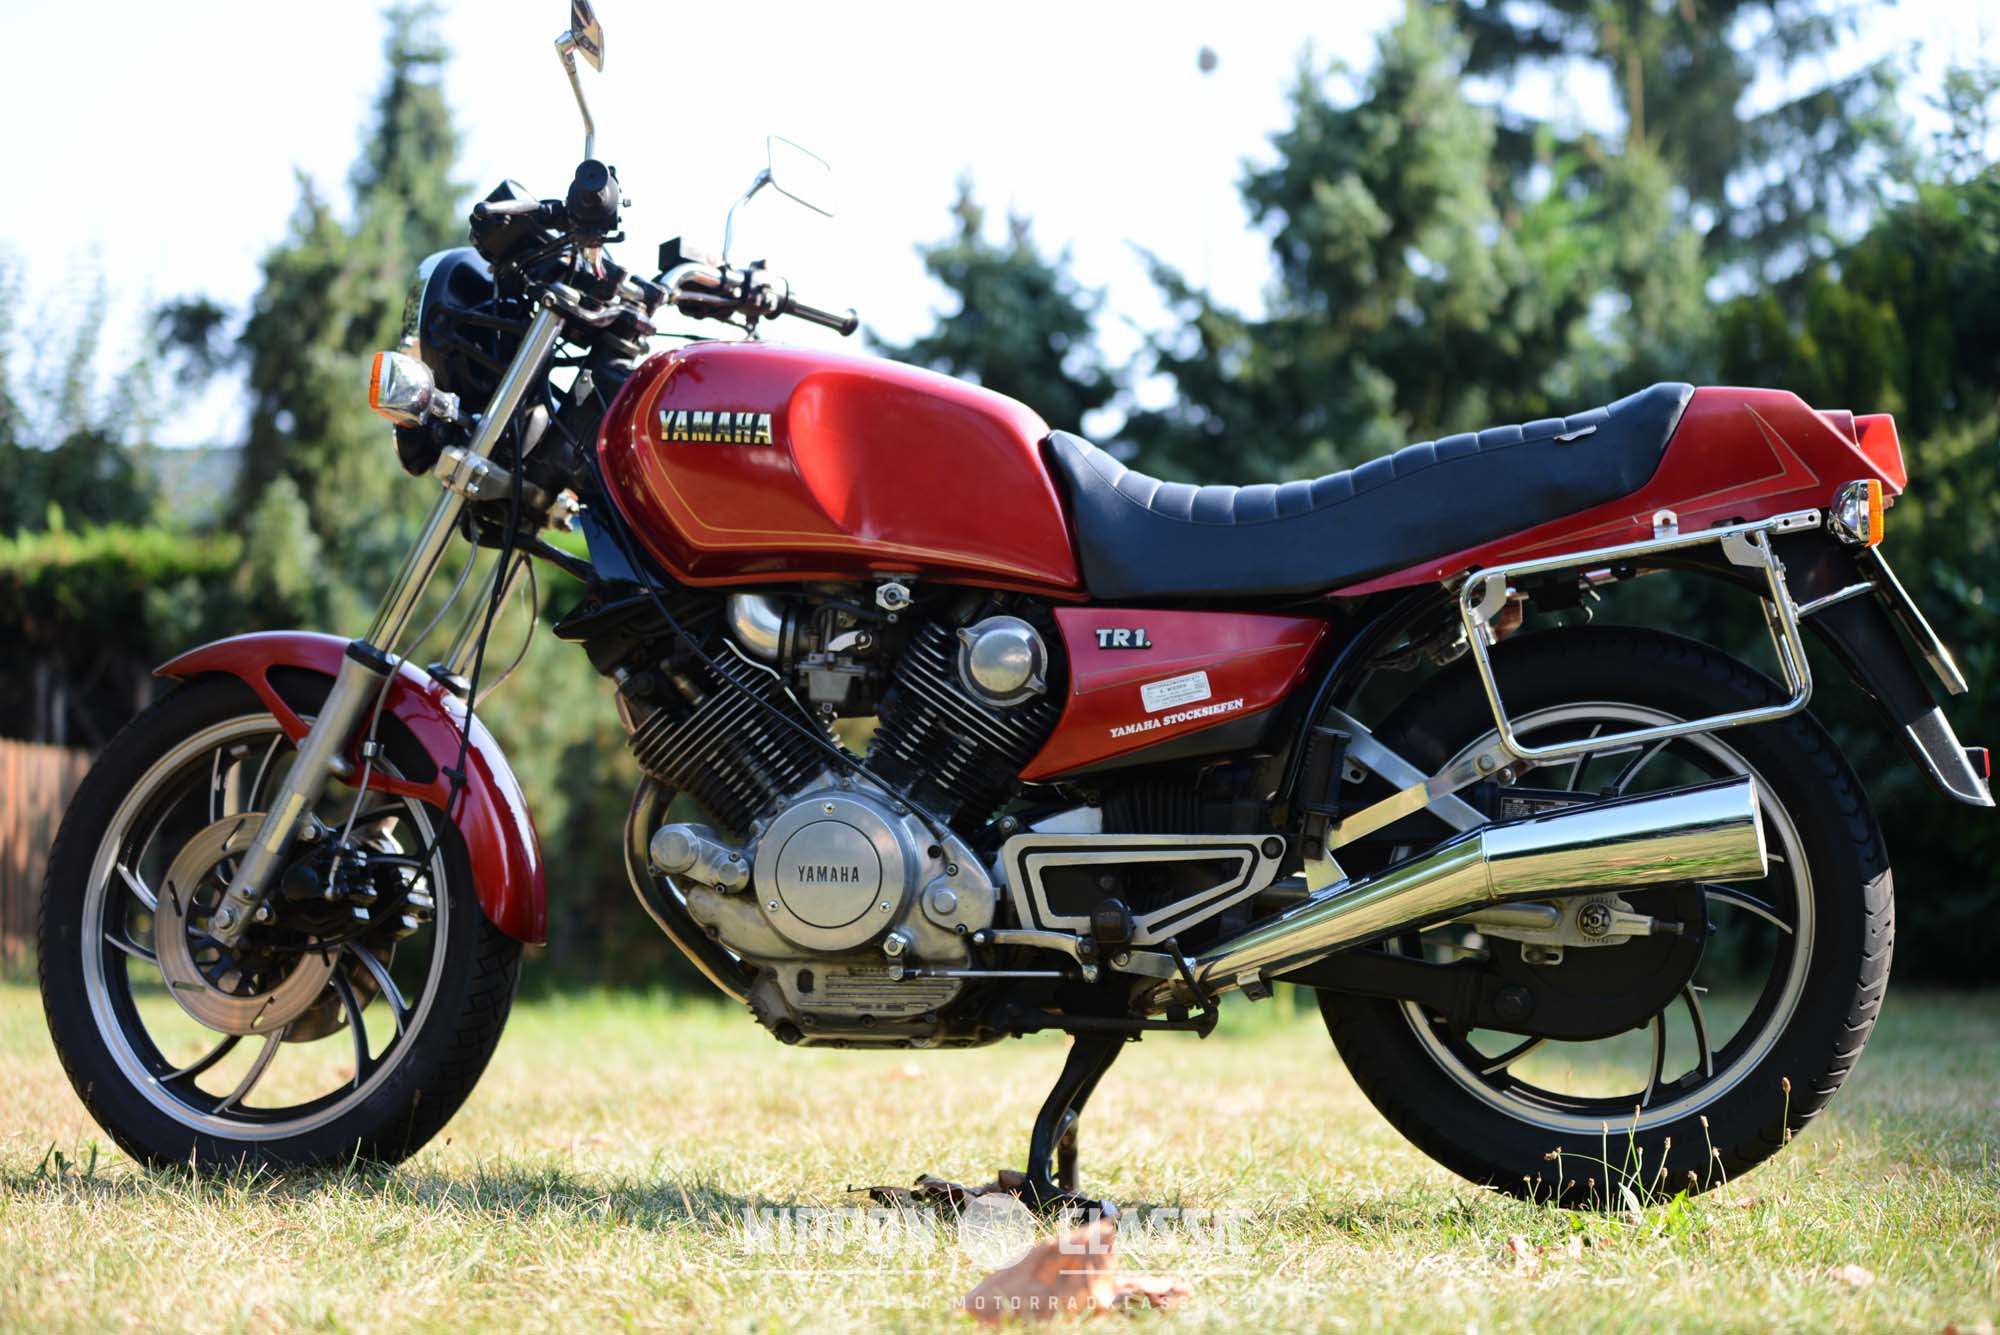 Yamaha TR1 mit der Tugend eines Sporttourers